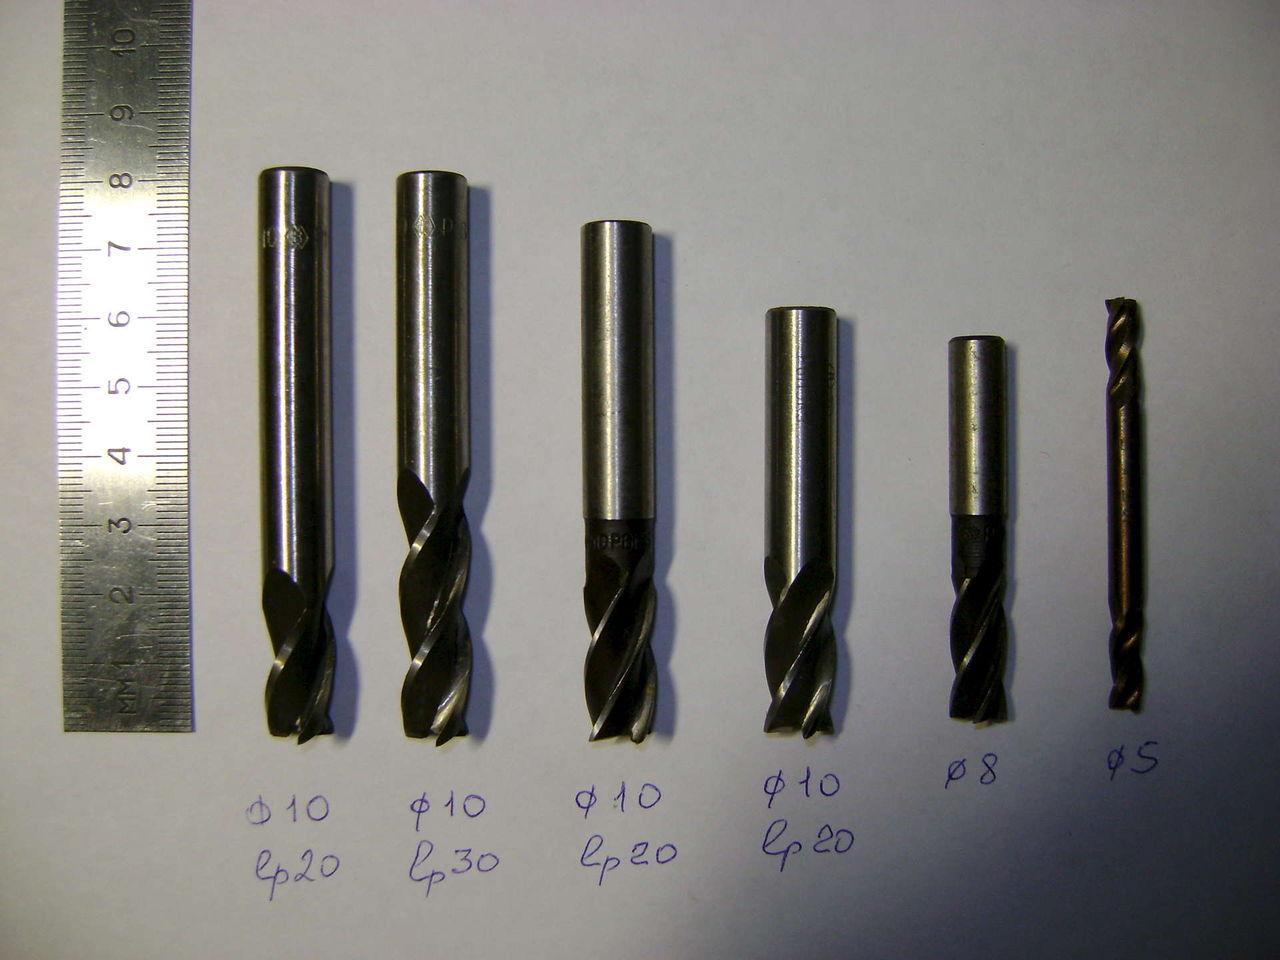 Инструмент металлорежущий владимир обработка материала резанием с помощью вращающегося режущего инструмента